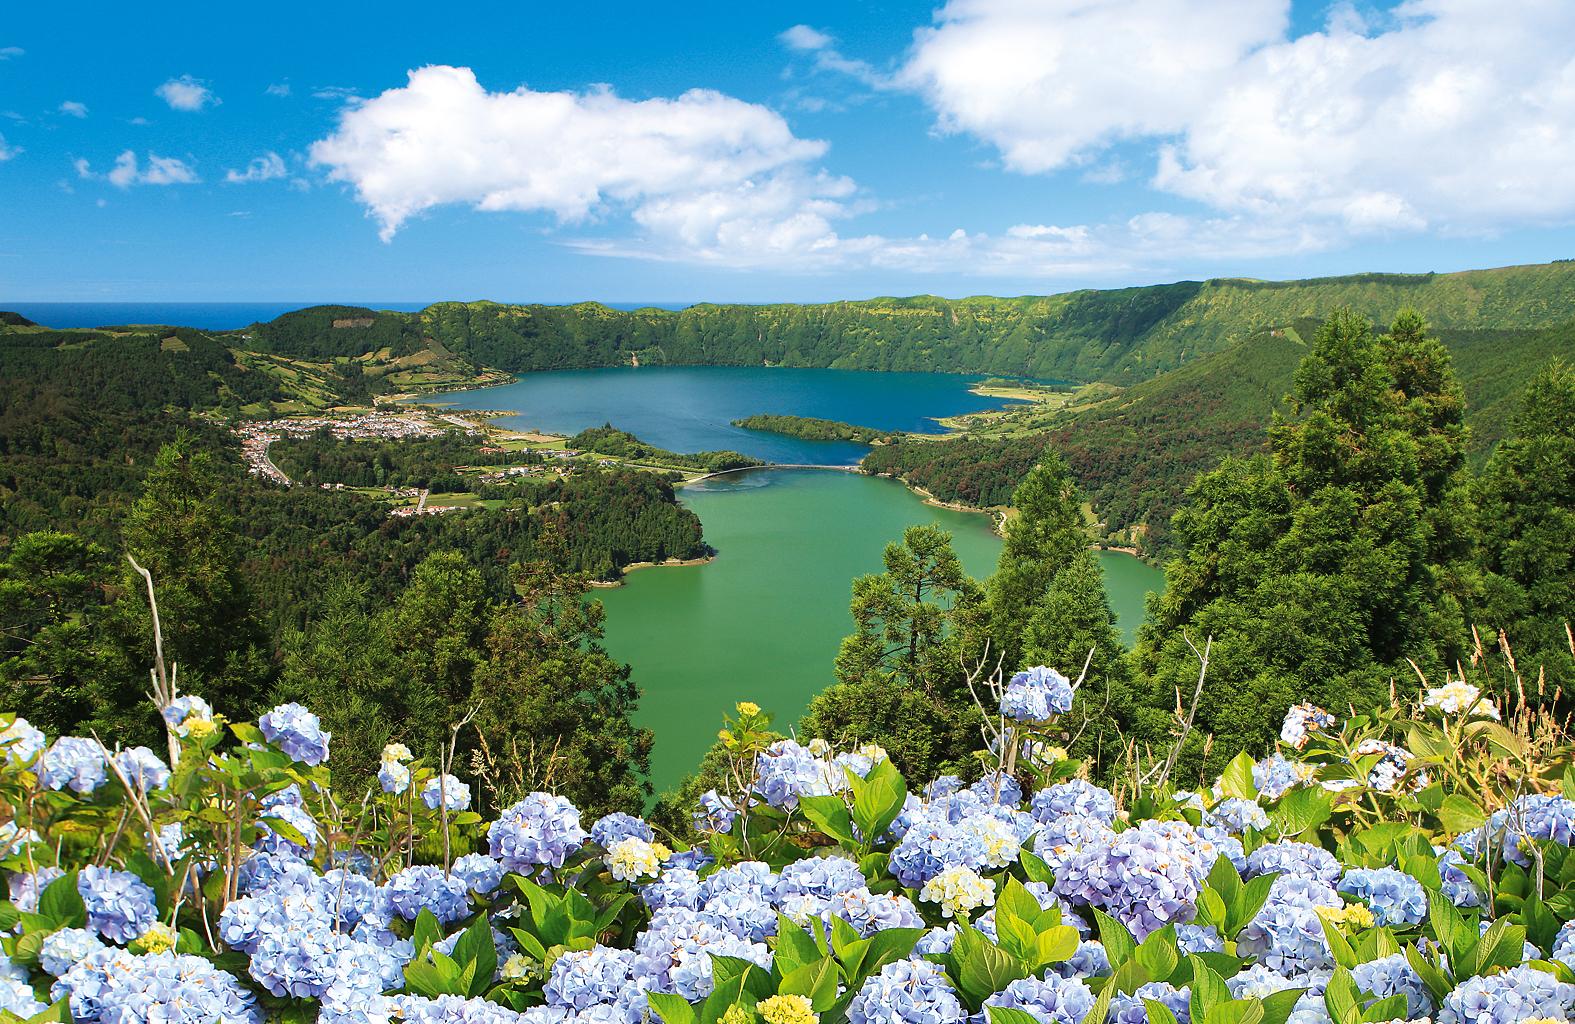 The stunning view over Lagoa das Sete Cidades